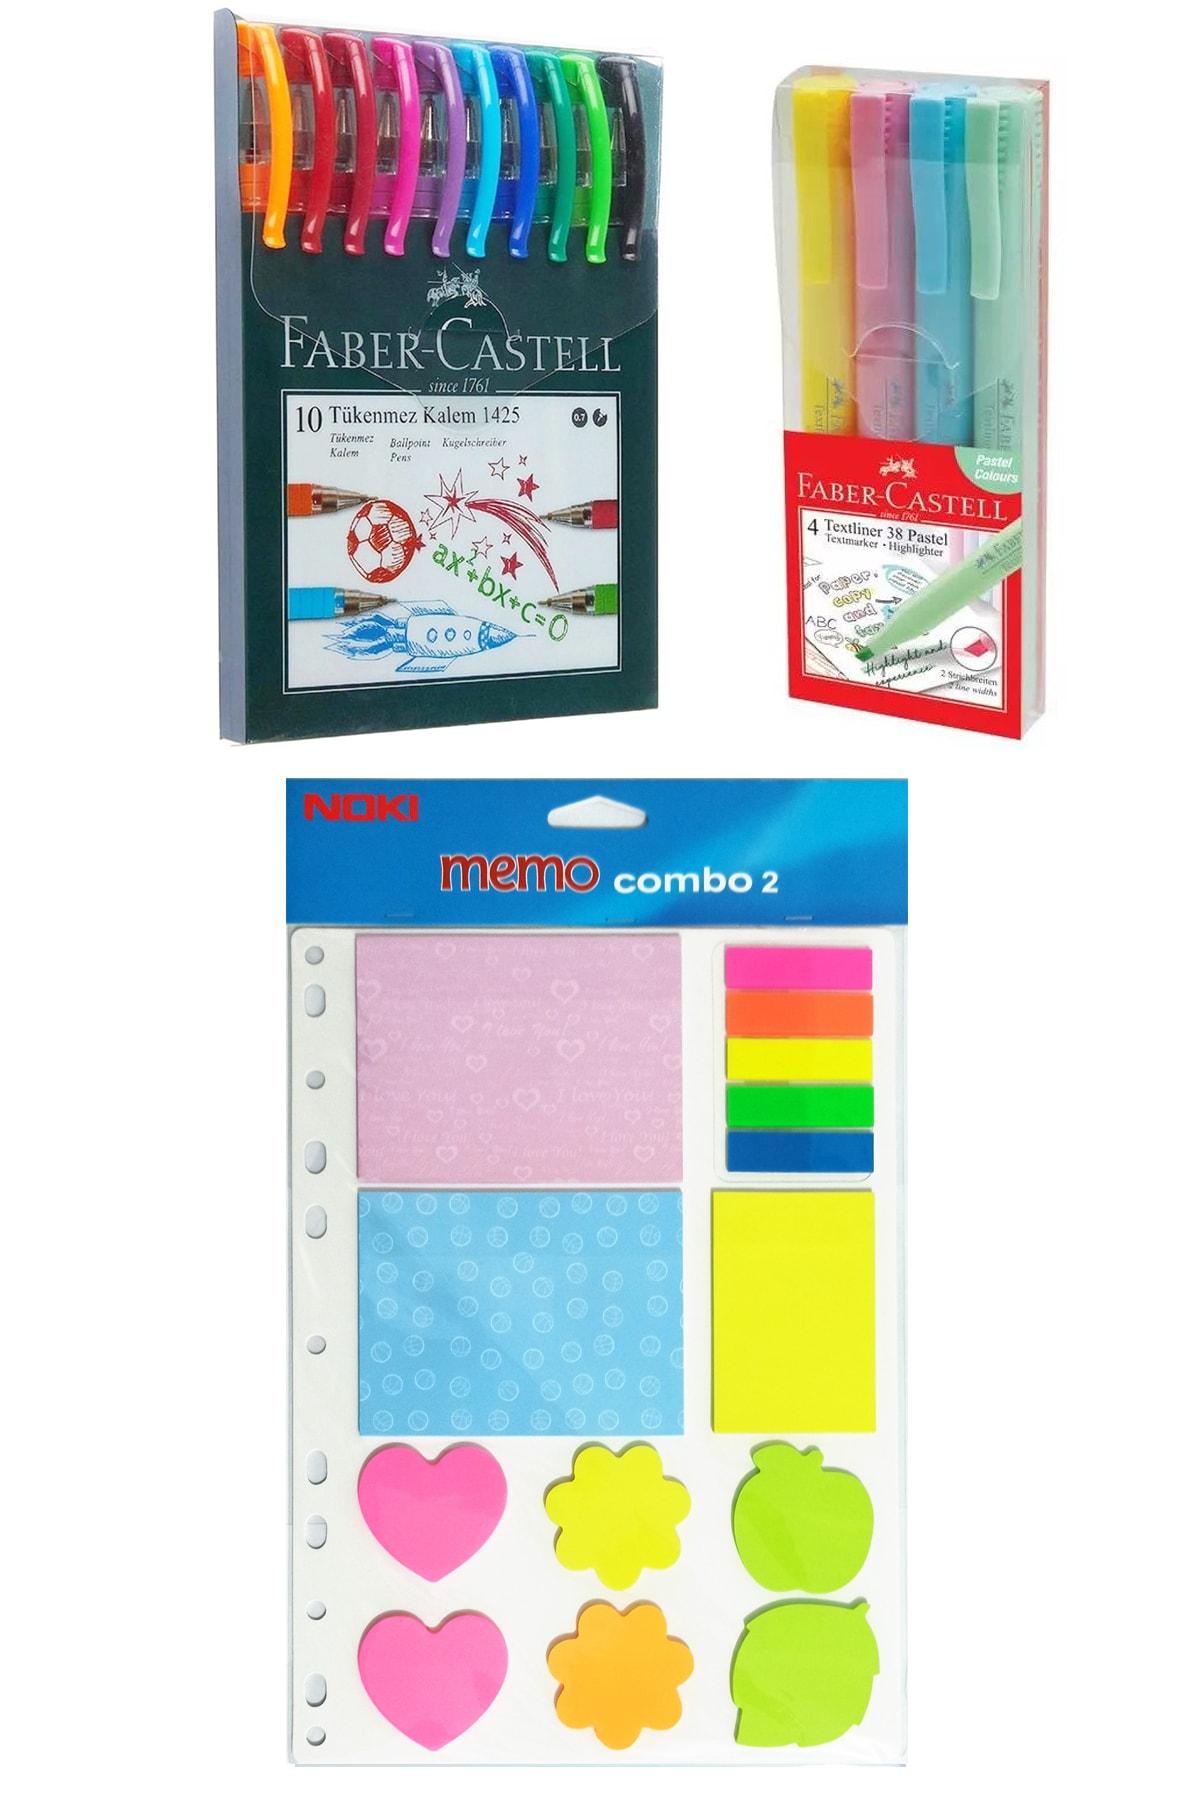 Faber Castell 10 Renk Tükenmez Kalem 1425+pastel Fosforlu Kalem 4lü+ Noki Yapışkanlı Not Kağıdı Seti 1